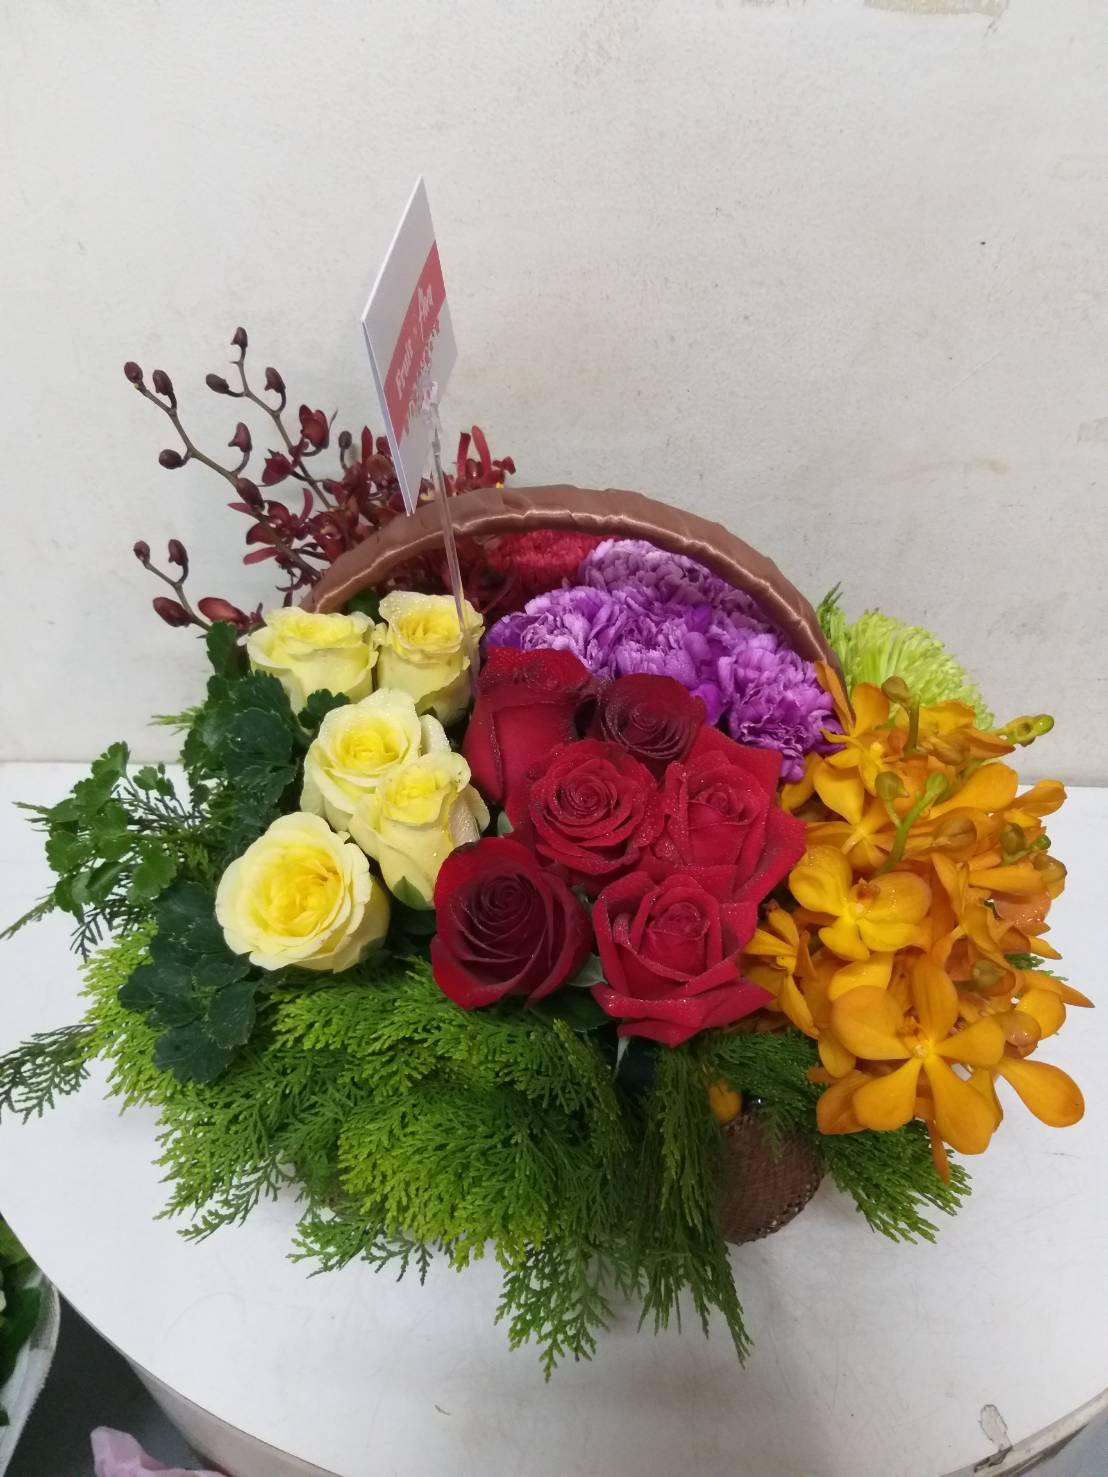 กระเช้าดอกไม้สดหลากสีสันสวยงาม โดดเด่นสะดุดตา